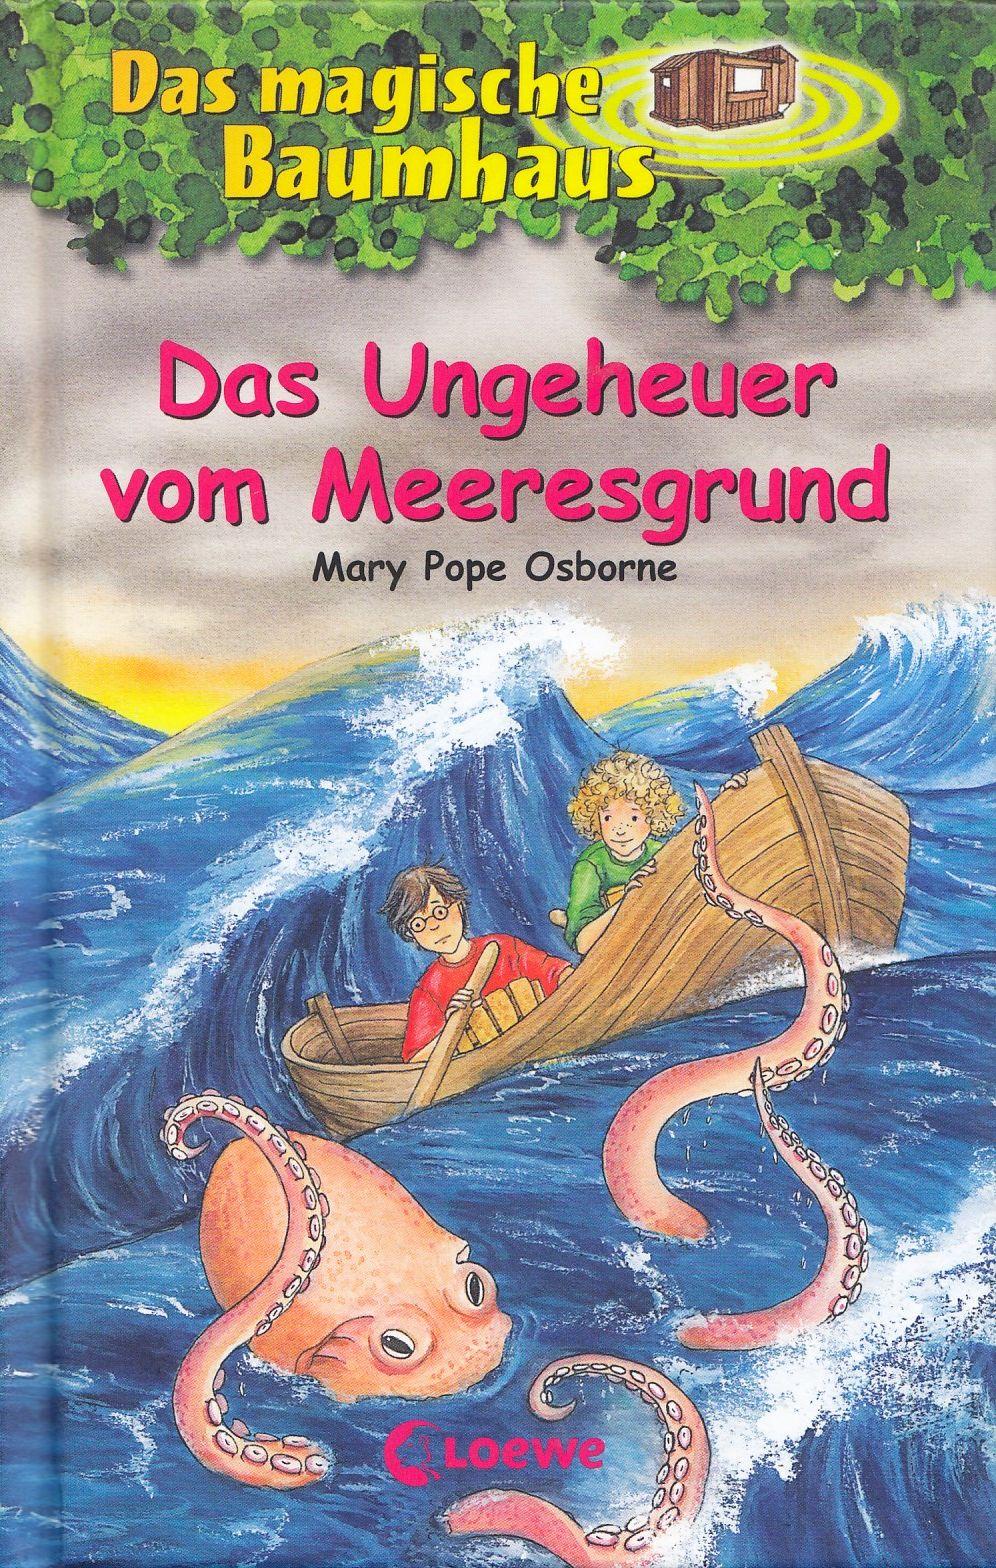 Das magische Baumhaus 37. Das Ungeheuer vom Meeresgrund - Mary Pope Osborne